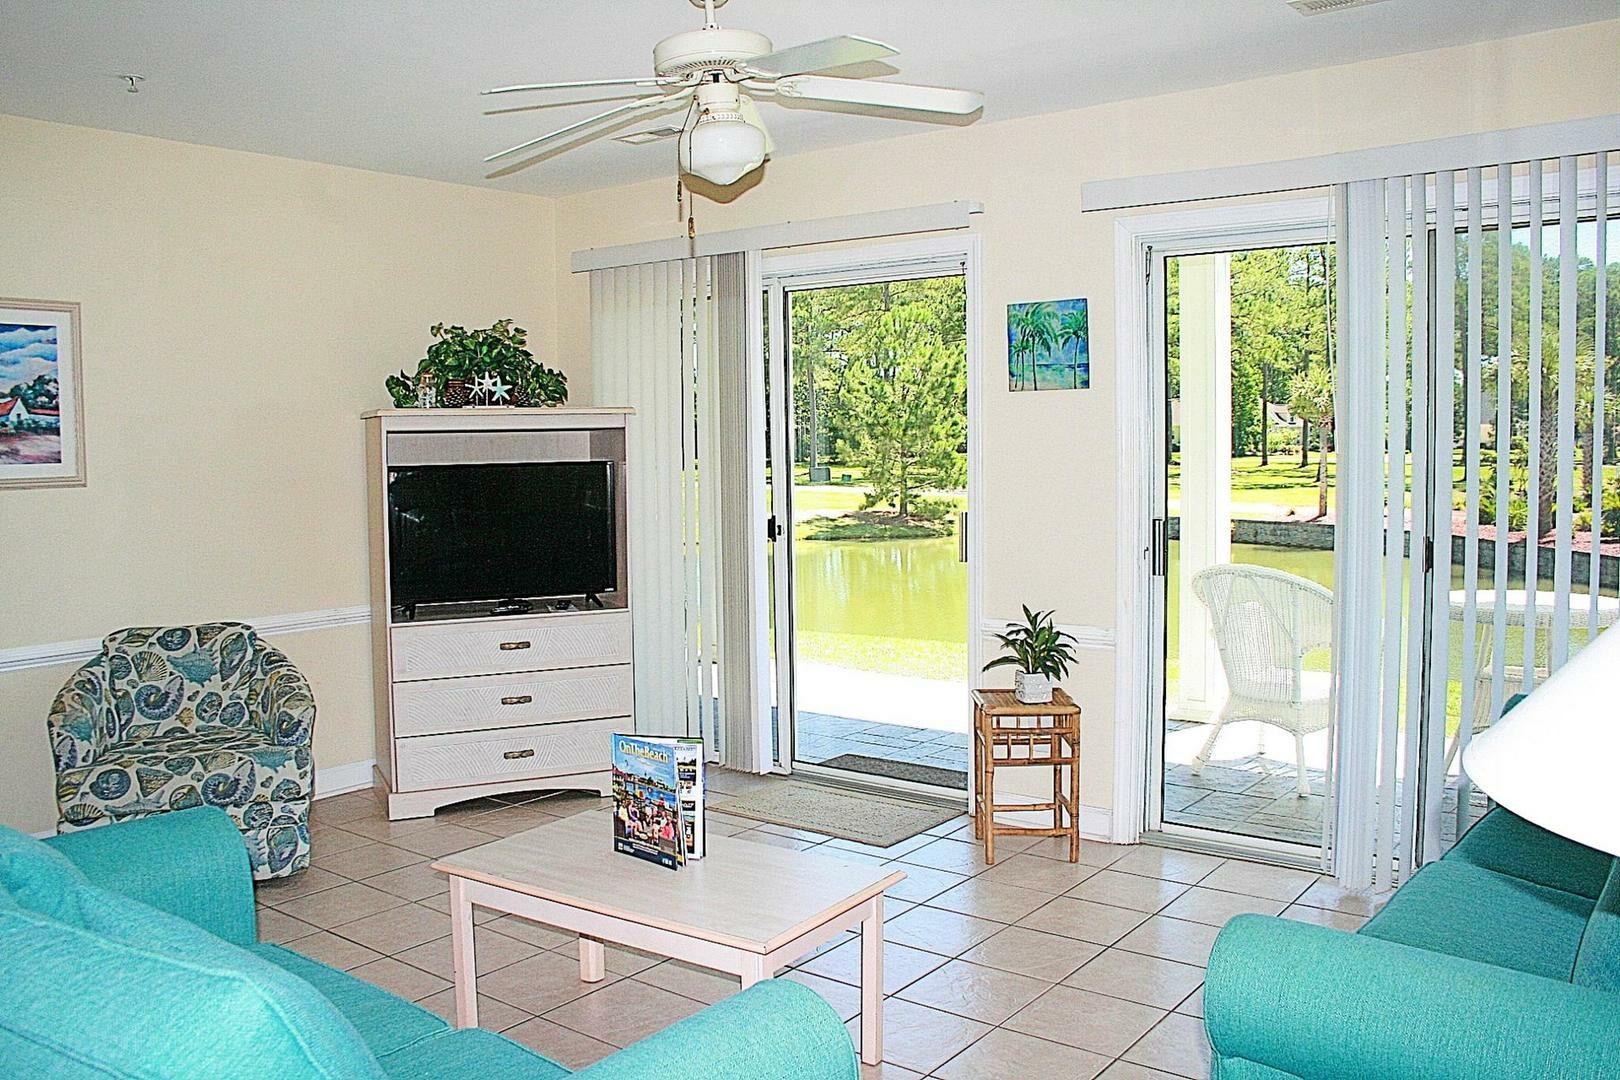 2402 2 Bedroom/2 Bath Villa